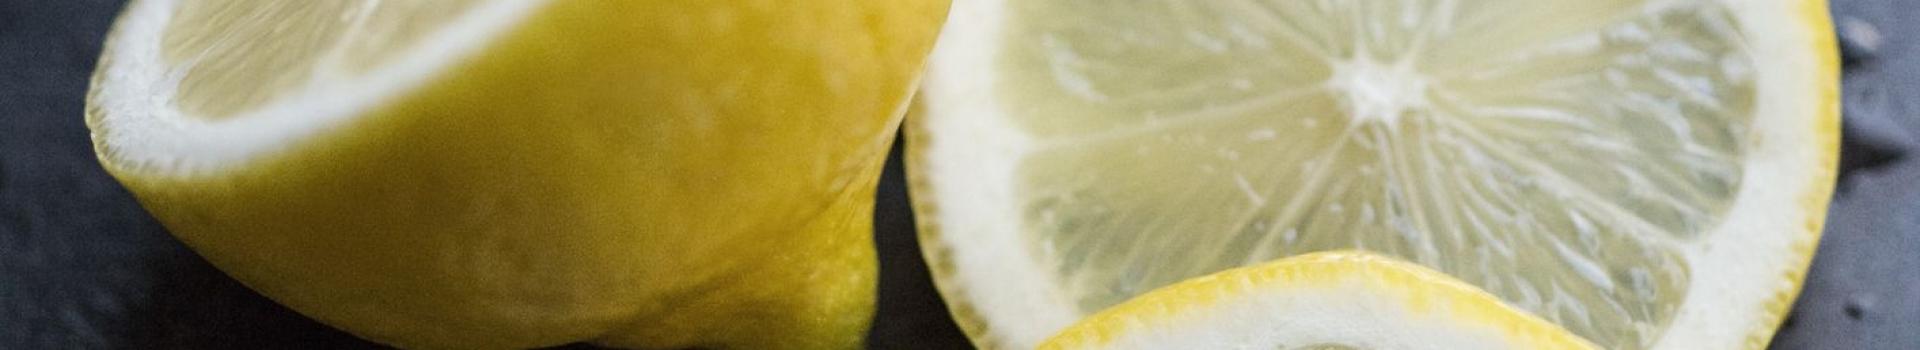 نهال لیمو ترش (نهالستان جلیلی)